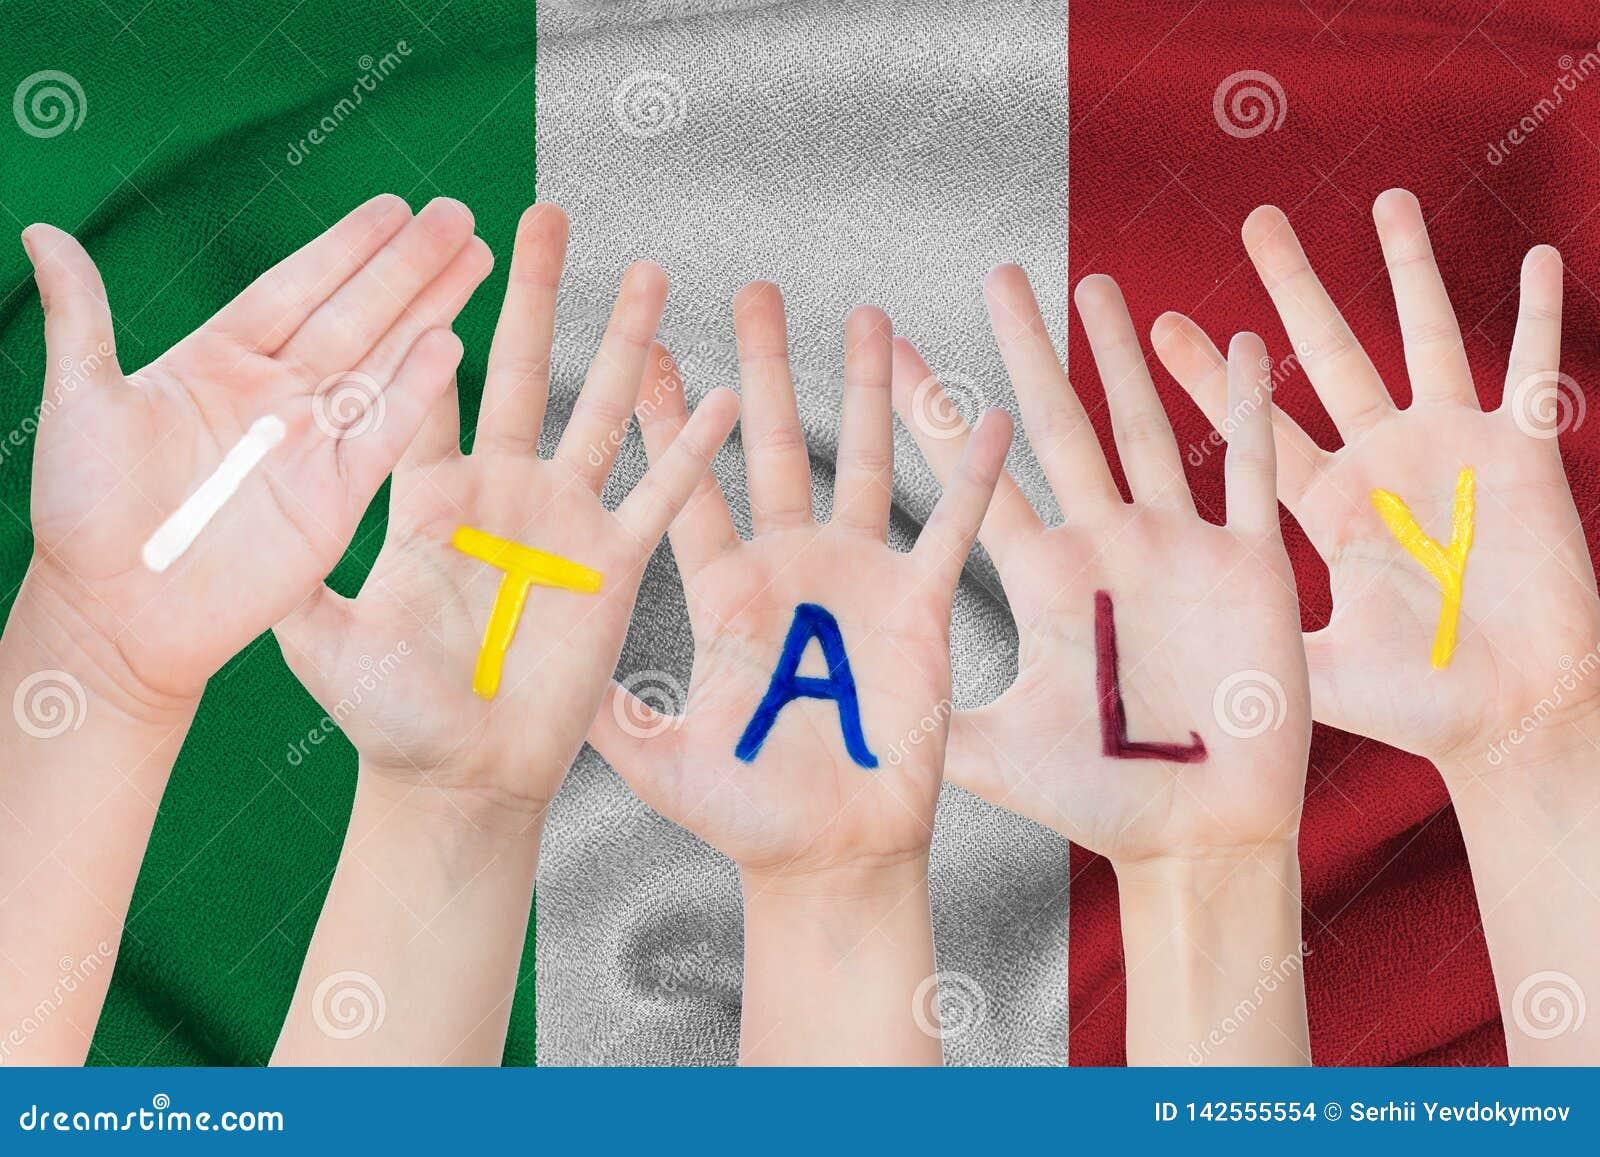 Επιγραφή της Ιταλίας σε ετοιμότητα των παιδιών στα πλαίσια μιας κυματίζοντας σημαίας της Ιταλίας